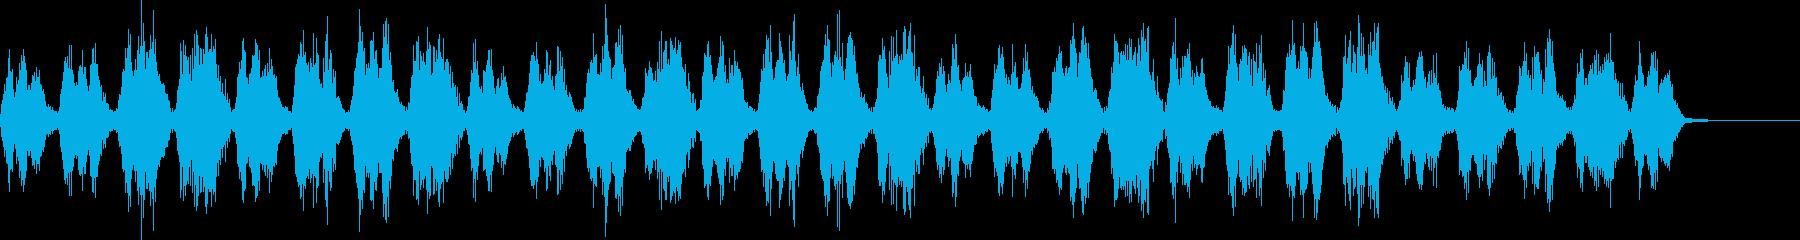 疾走感あるストリングス 馬の再生済みの波形